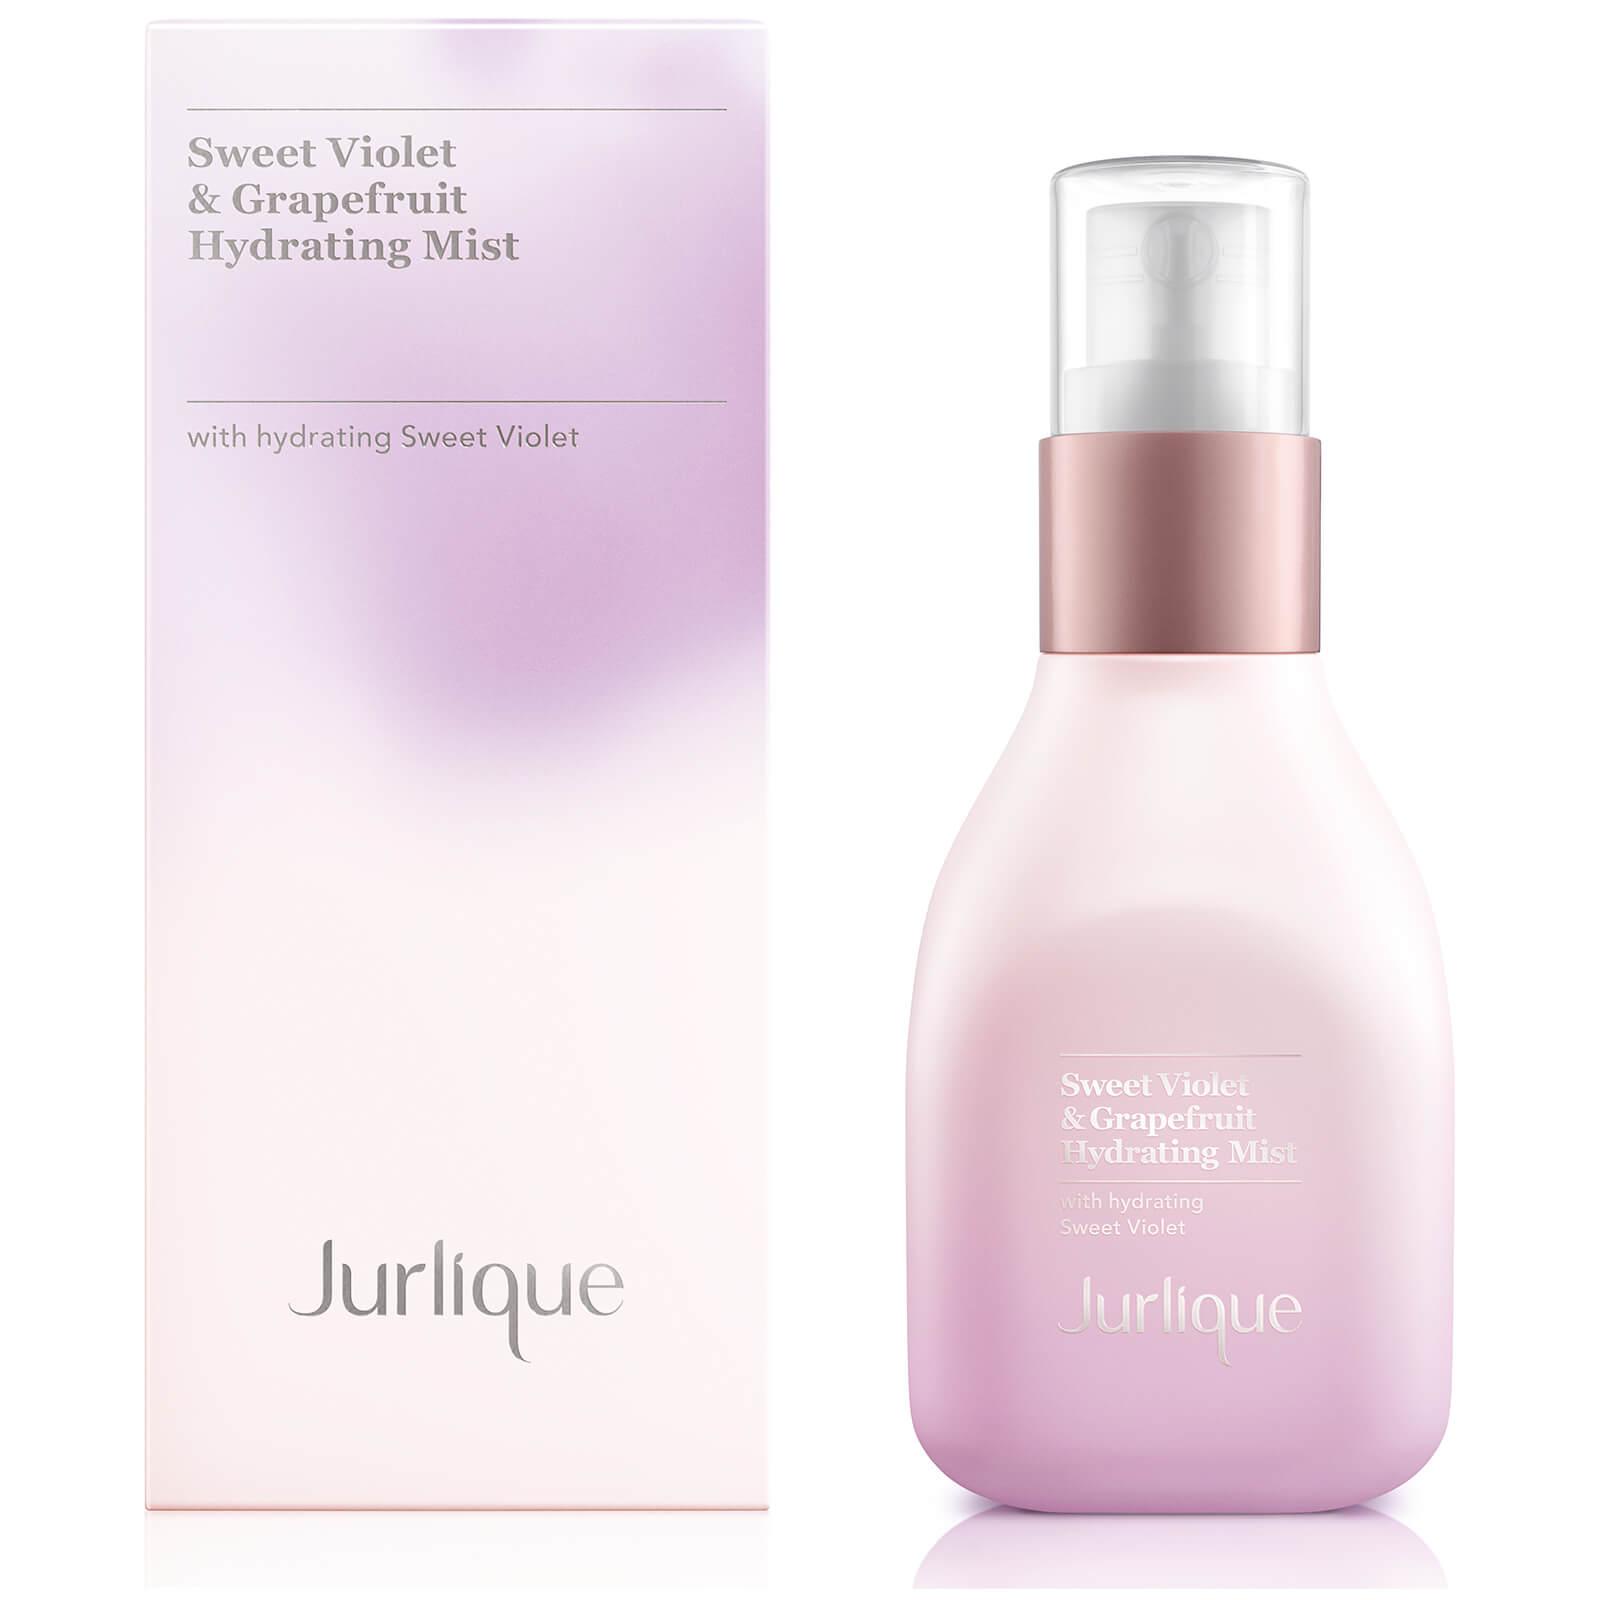 Купить Jurlique Sweet Violet and Grapefruit Mist 50ml